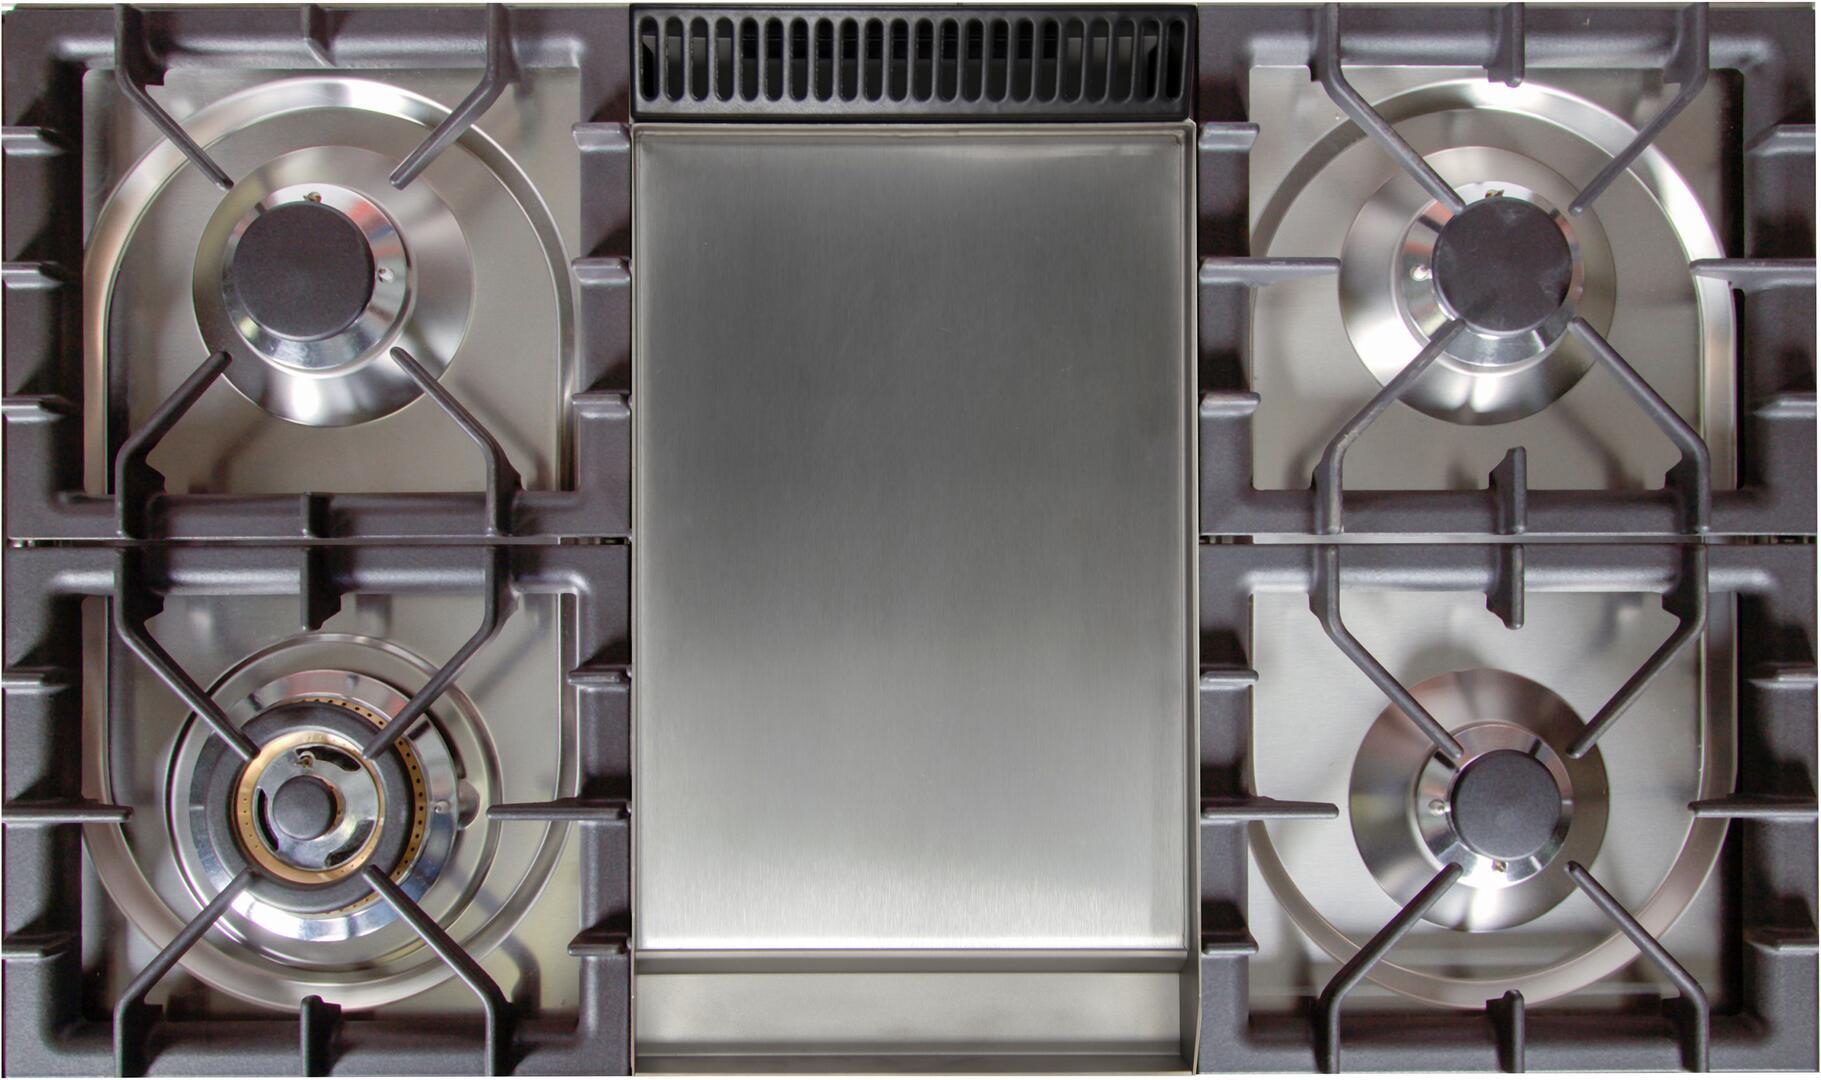 Ilve Professional Plus UPDW100FDMPB Freestanding Dual Fuel Range White, Cooktop